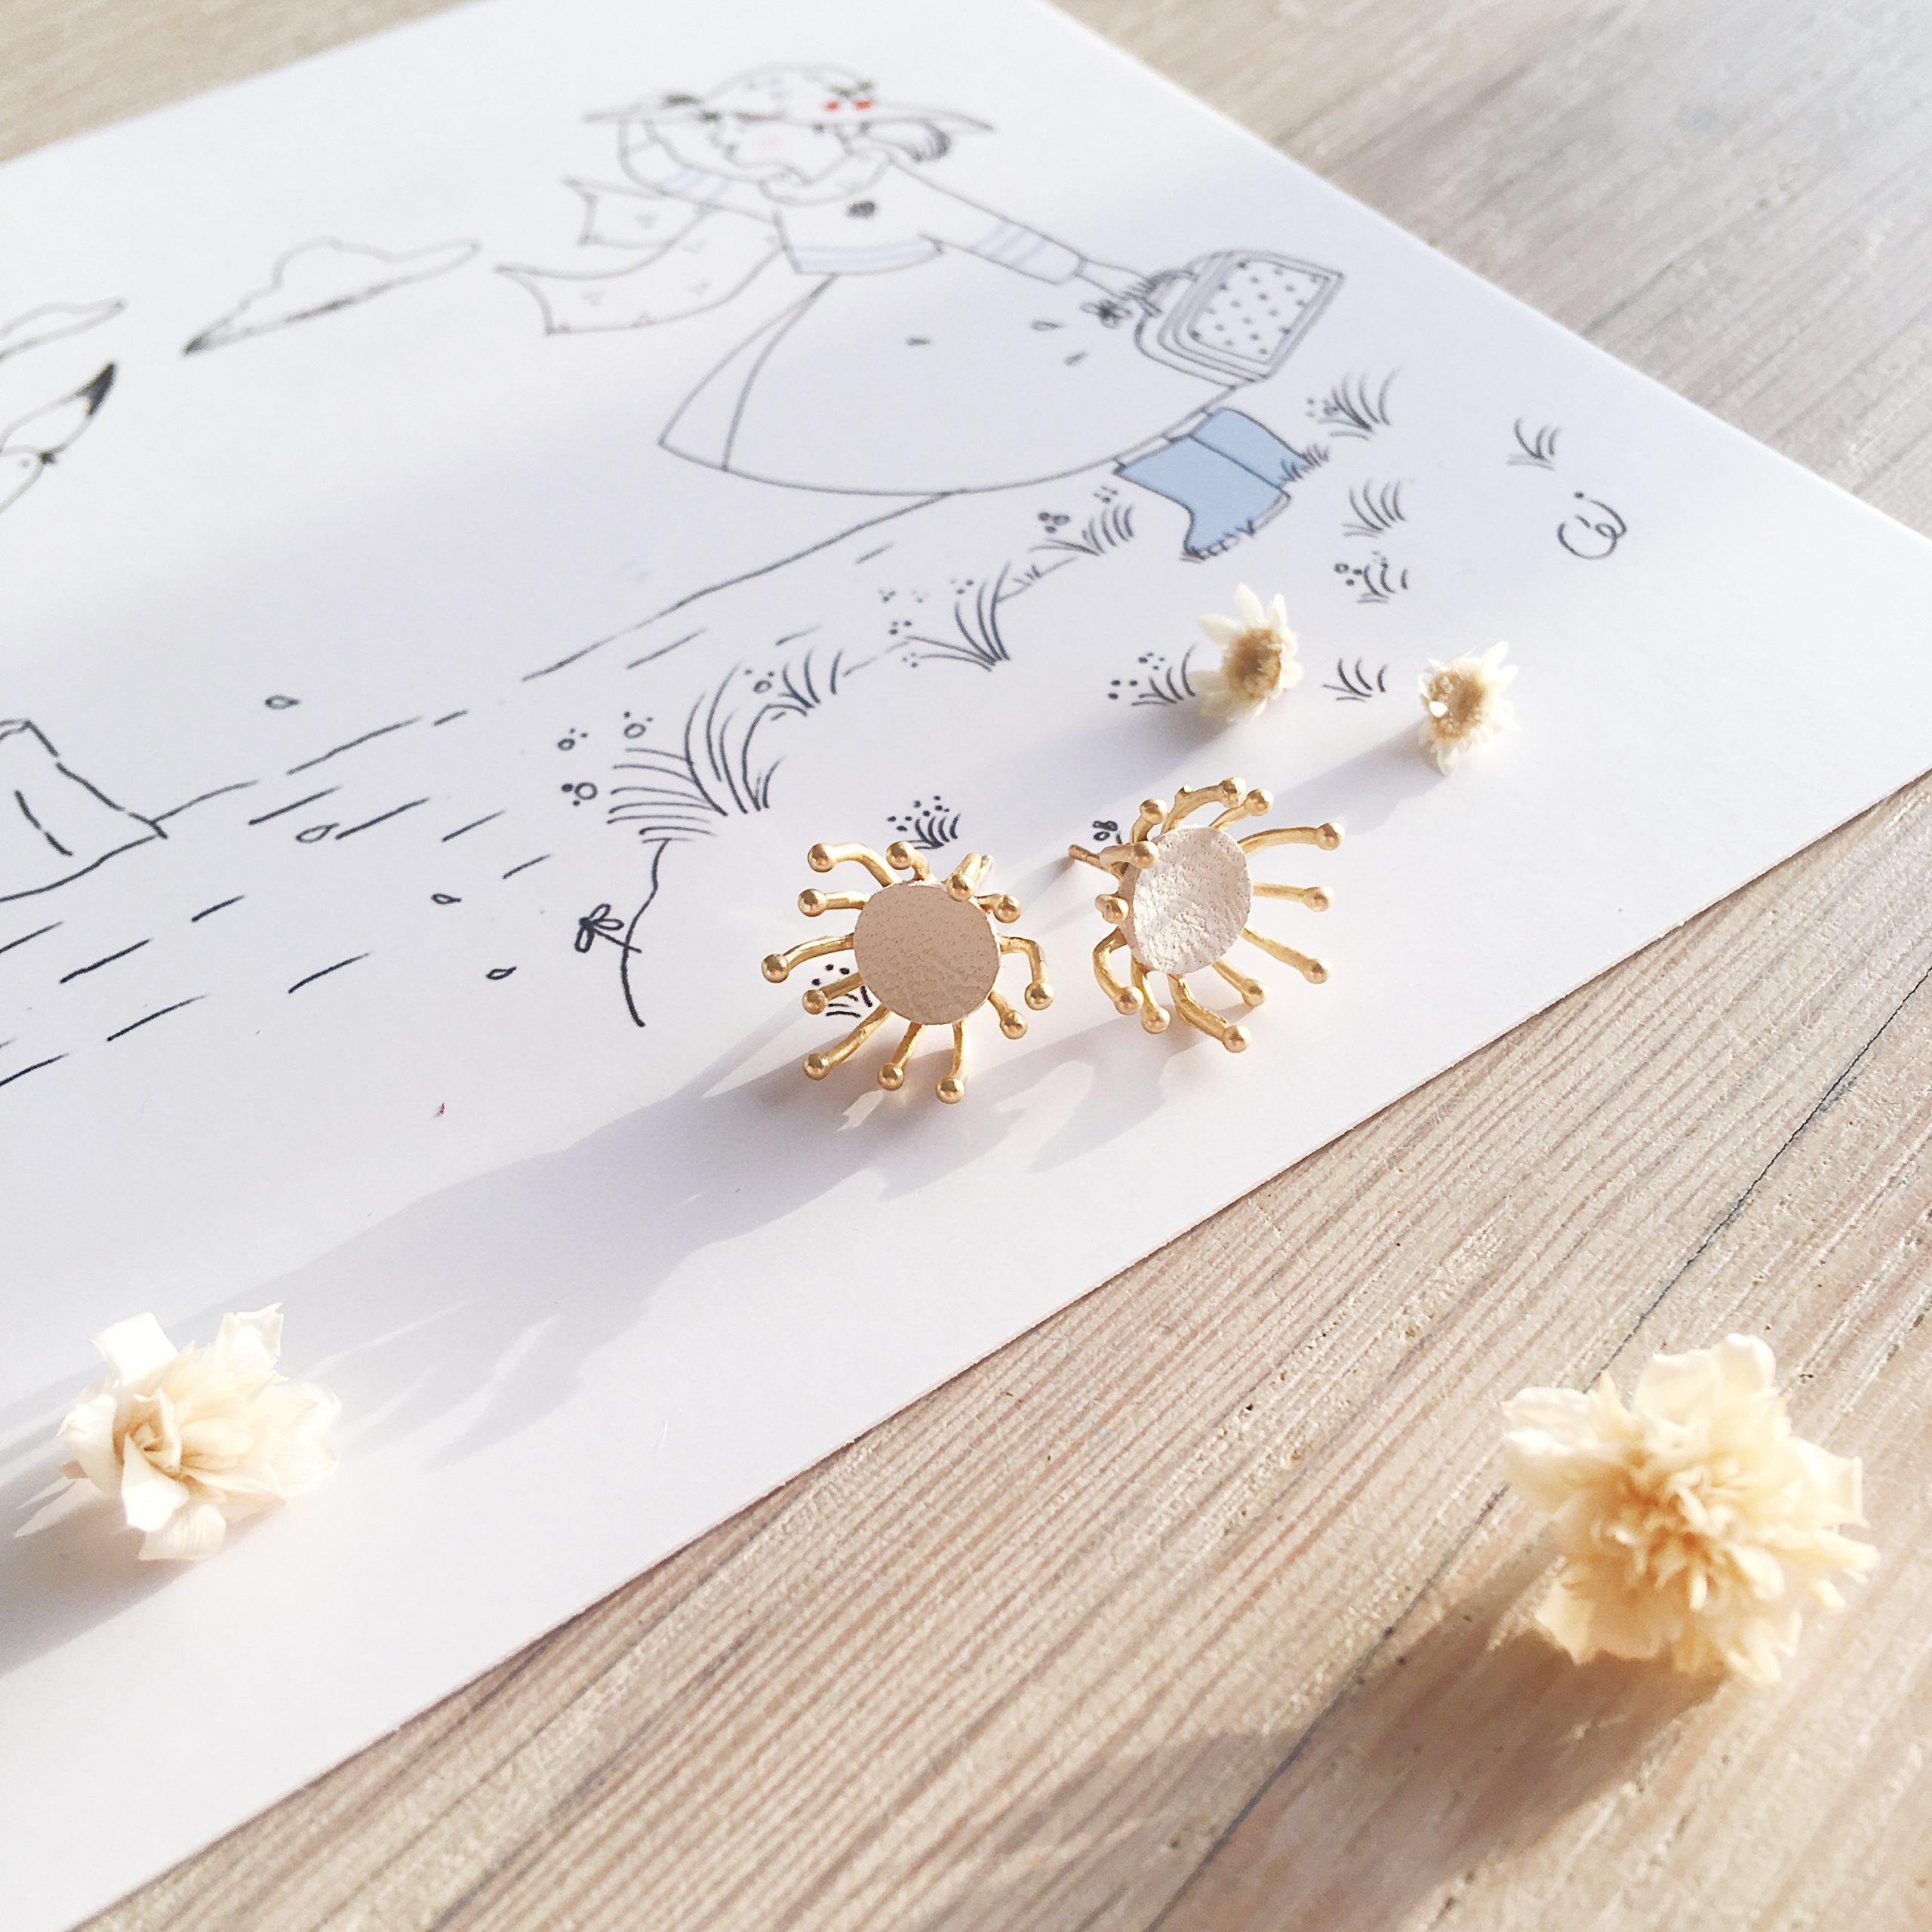 clous d'oreilles cuir bijoux poétiques fleurs du vent d'hiver ivoire - du vent dans mes valises